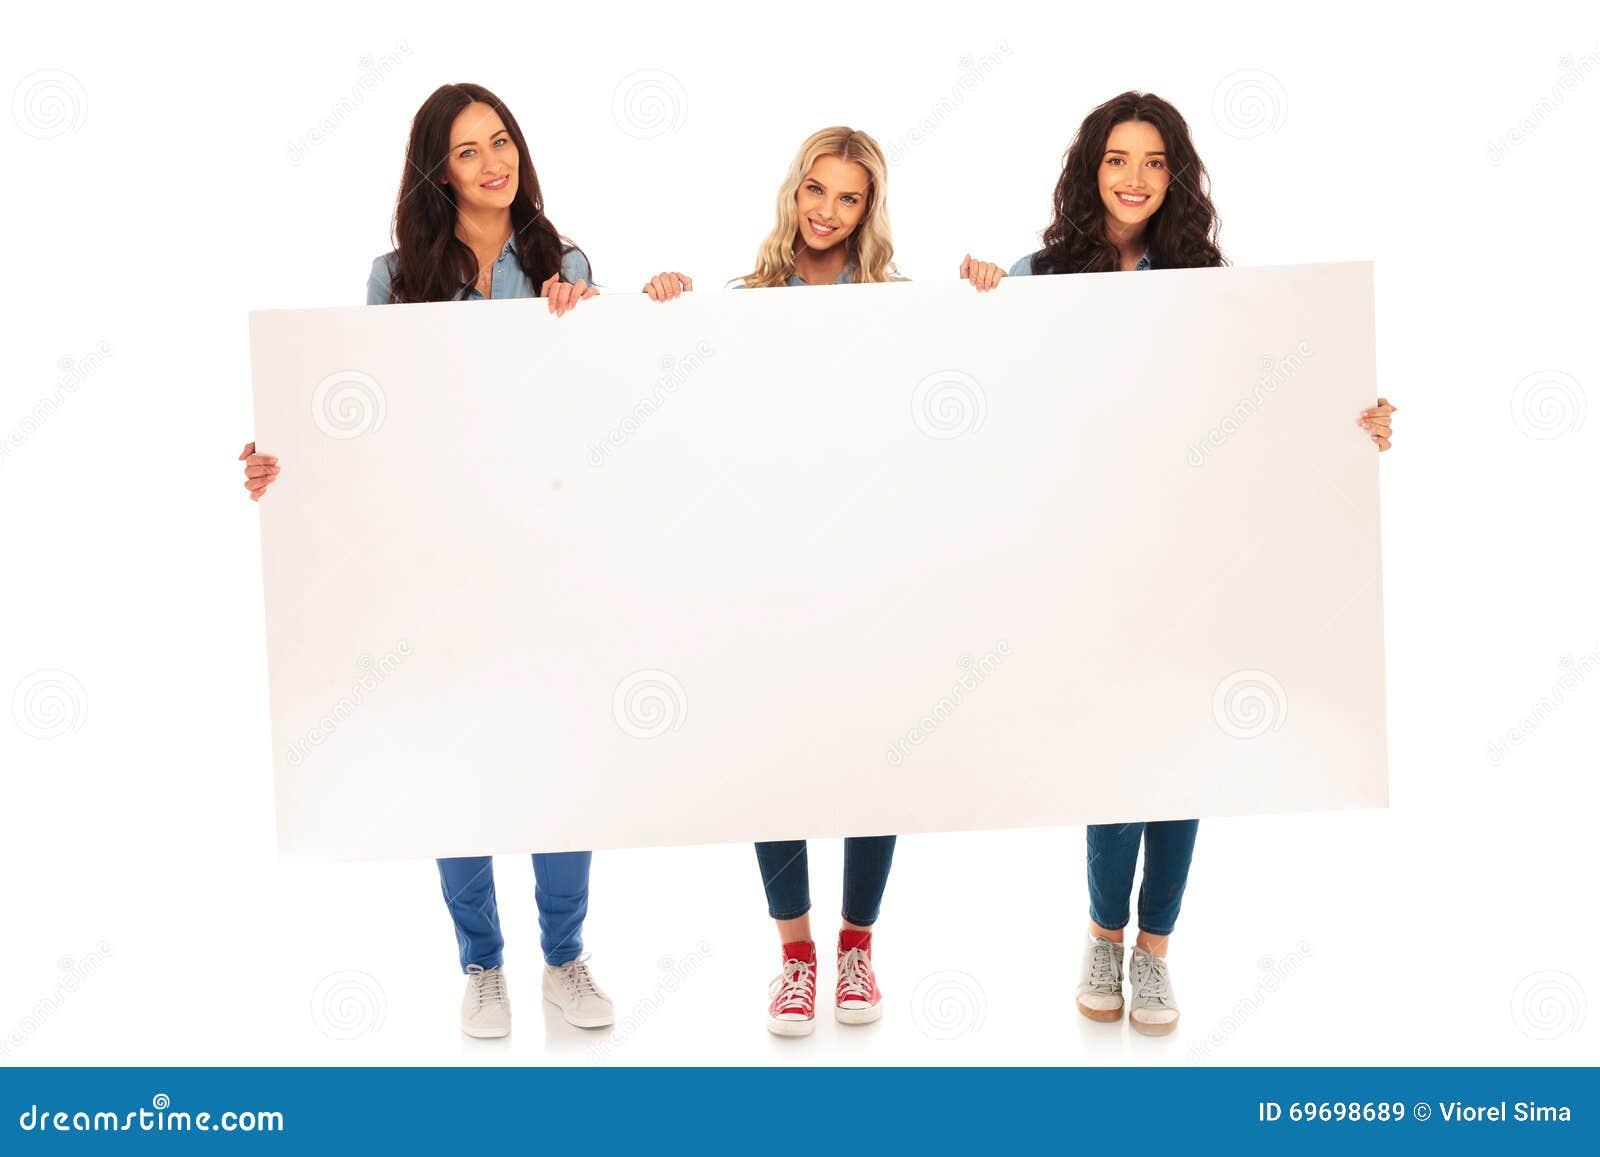 Volles Körperbild Von Drei Zufälligen Frauen, Die Große ...